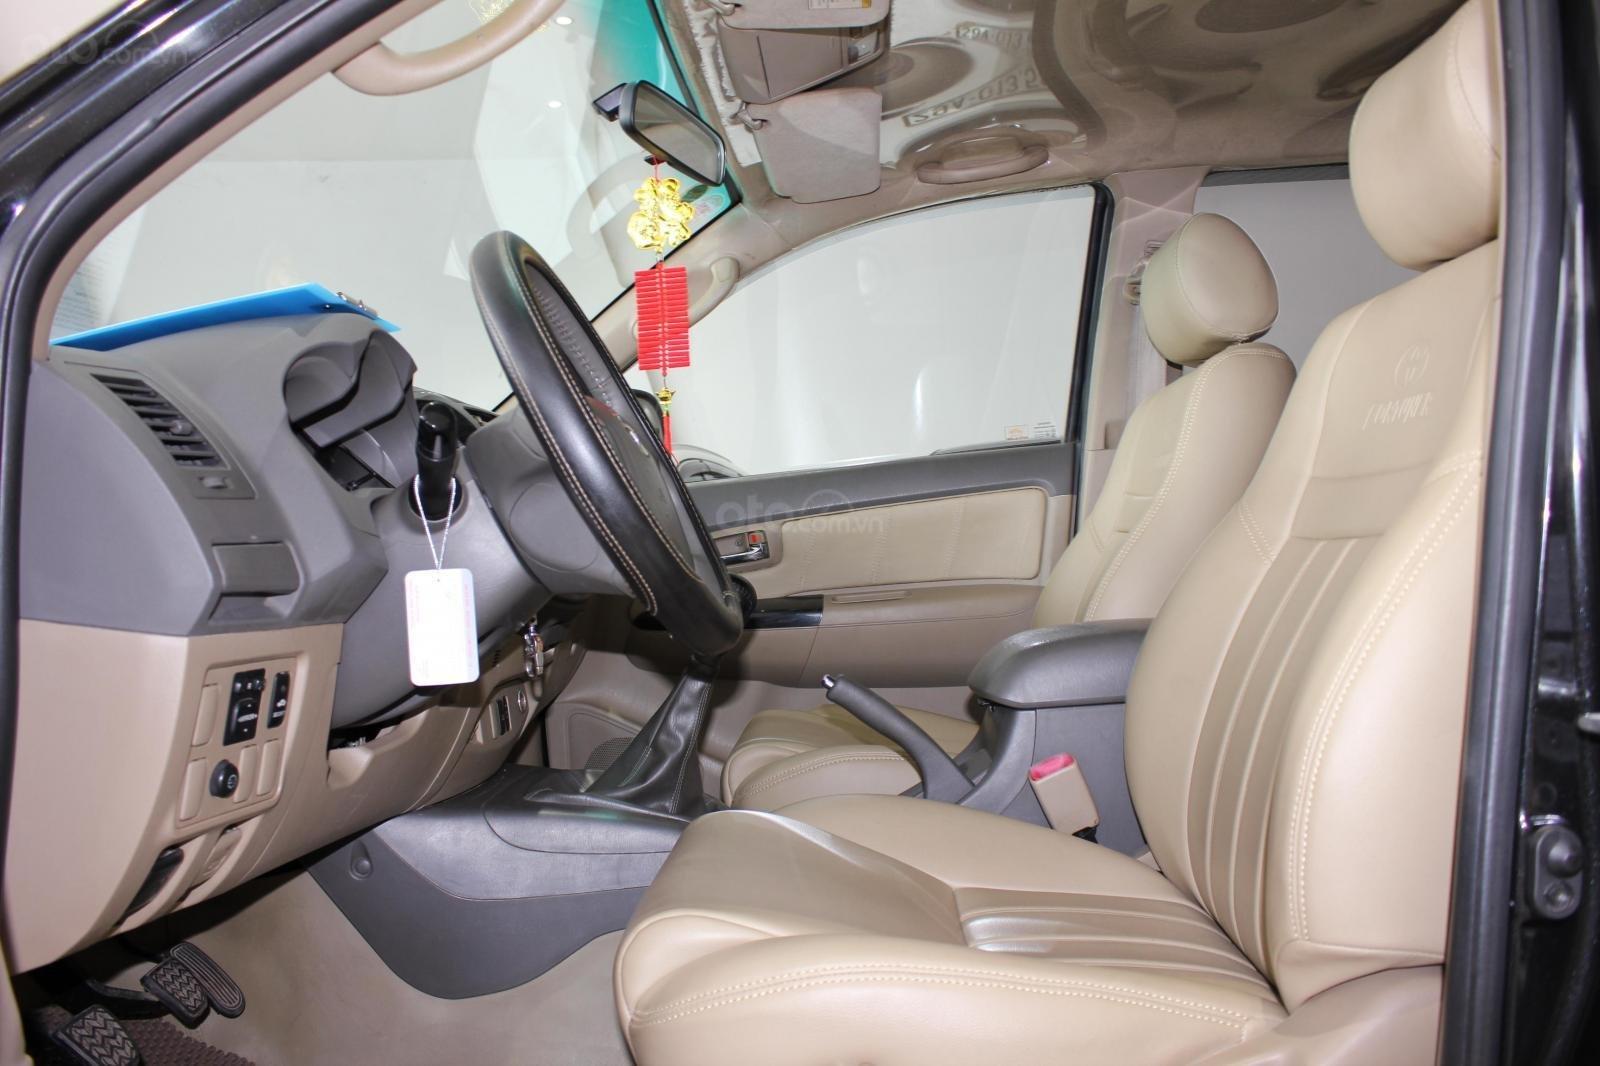 Bán xe Toyota Fortuner 2.5G MT đời 2012, máy dầu, màu đen, biển SG, xe đẹp (10)